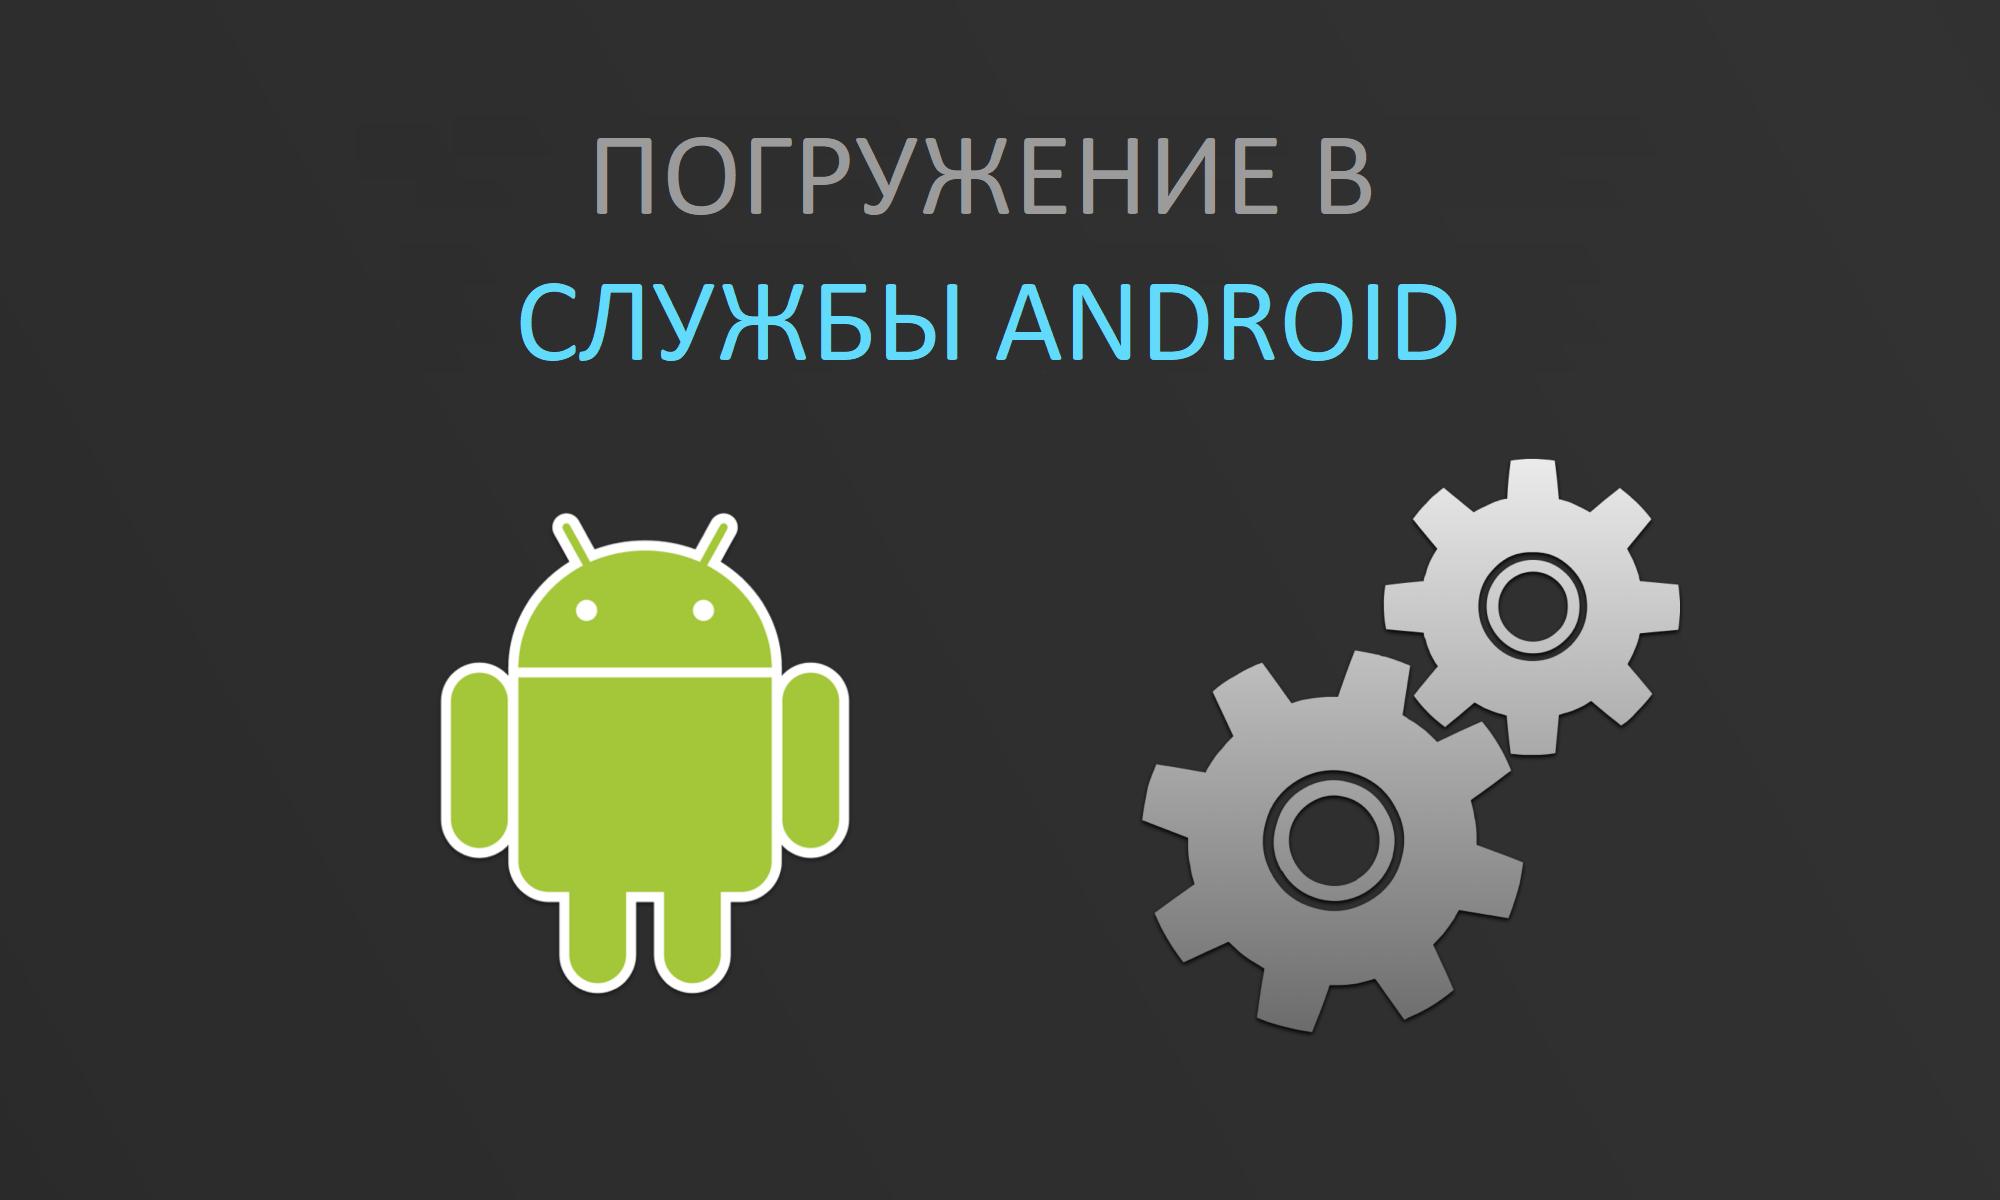 Погружение в службы Android